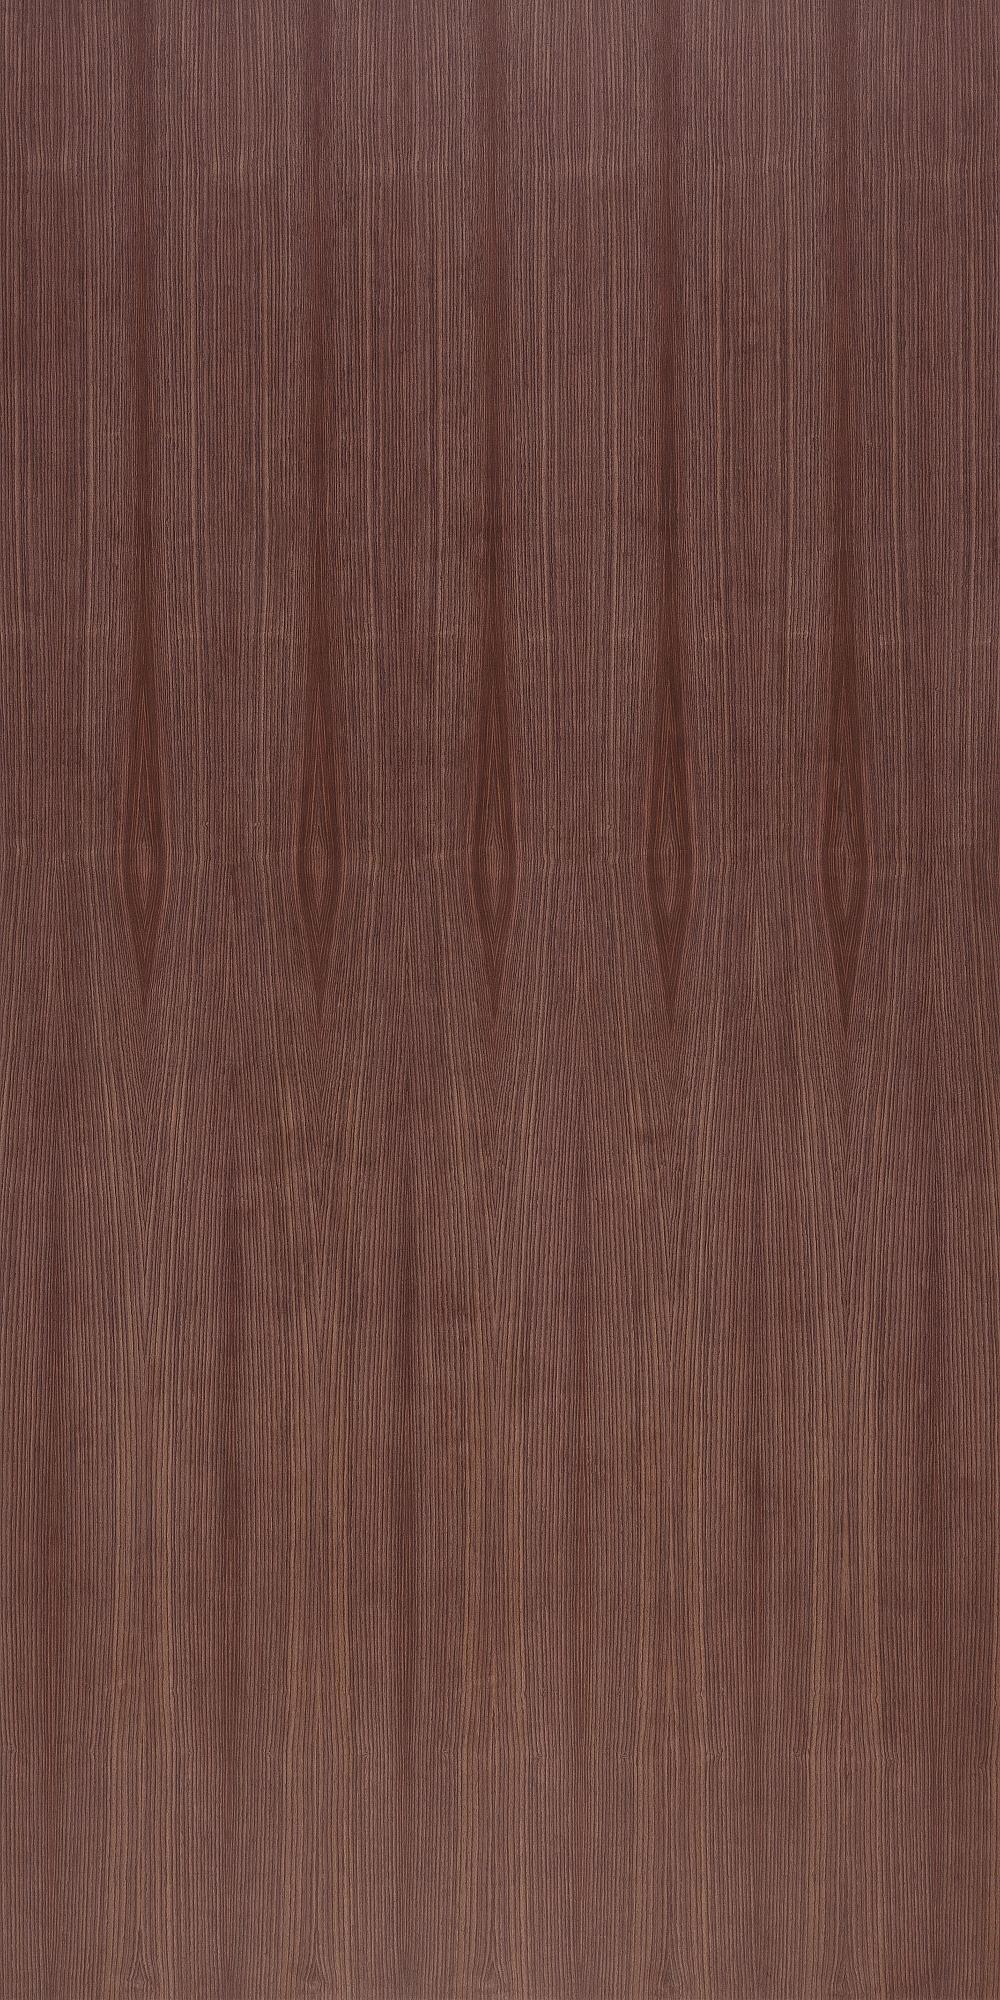 veneer palissandre des indes bois sous restriction cites. Black Bedroom Furniture Sets. Home Design Ideas